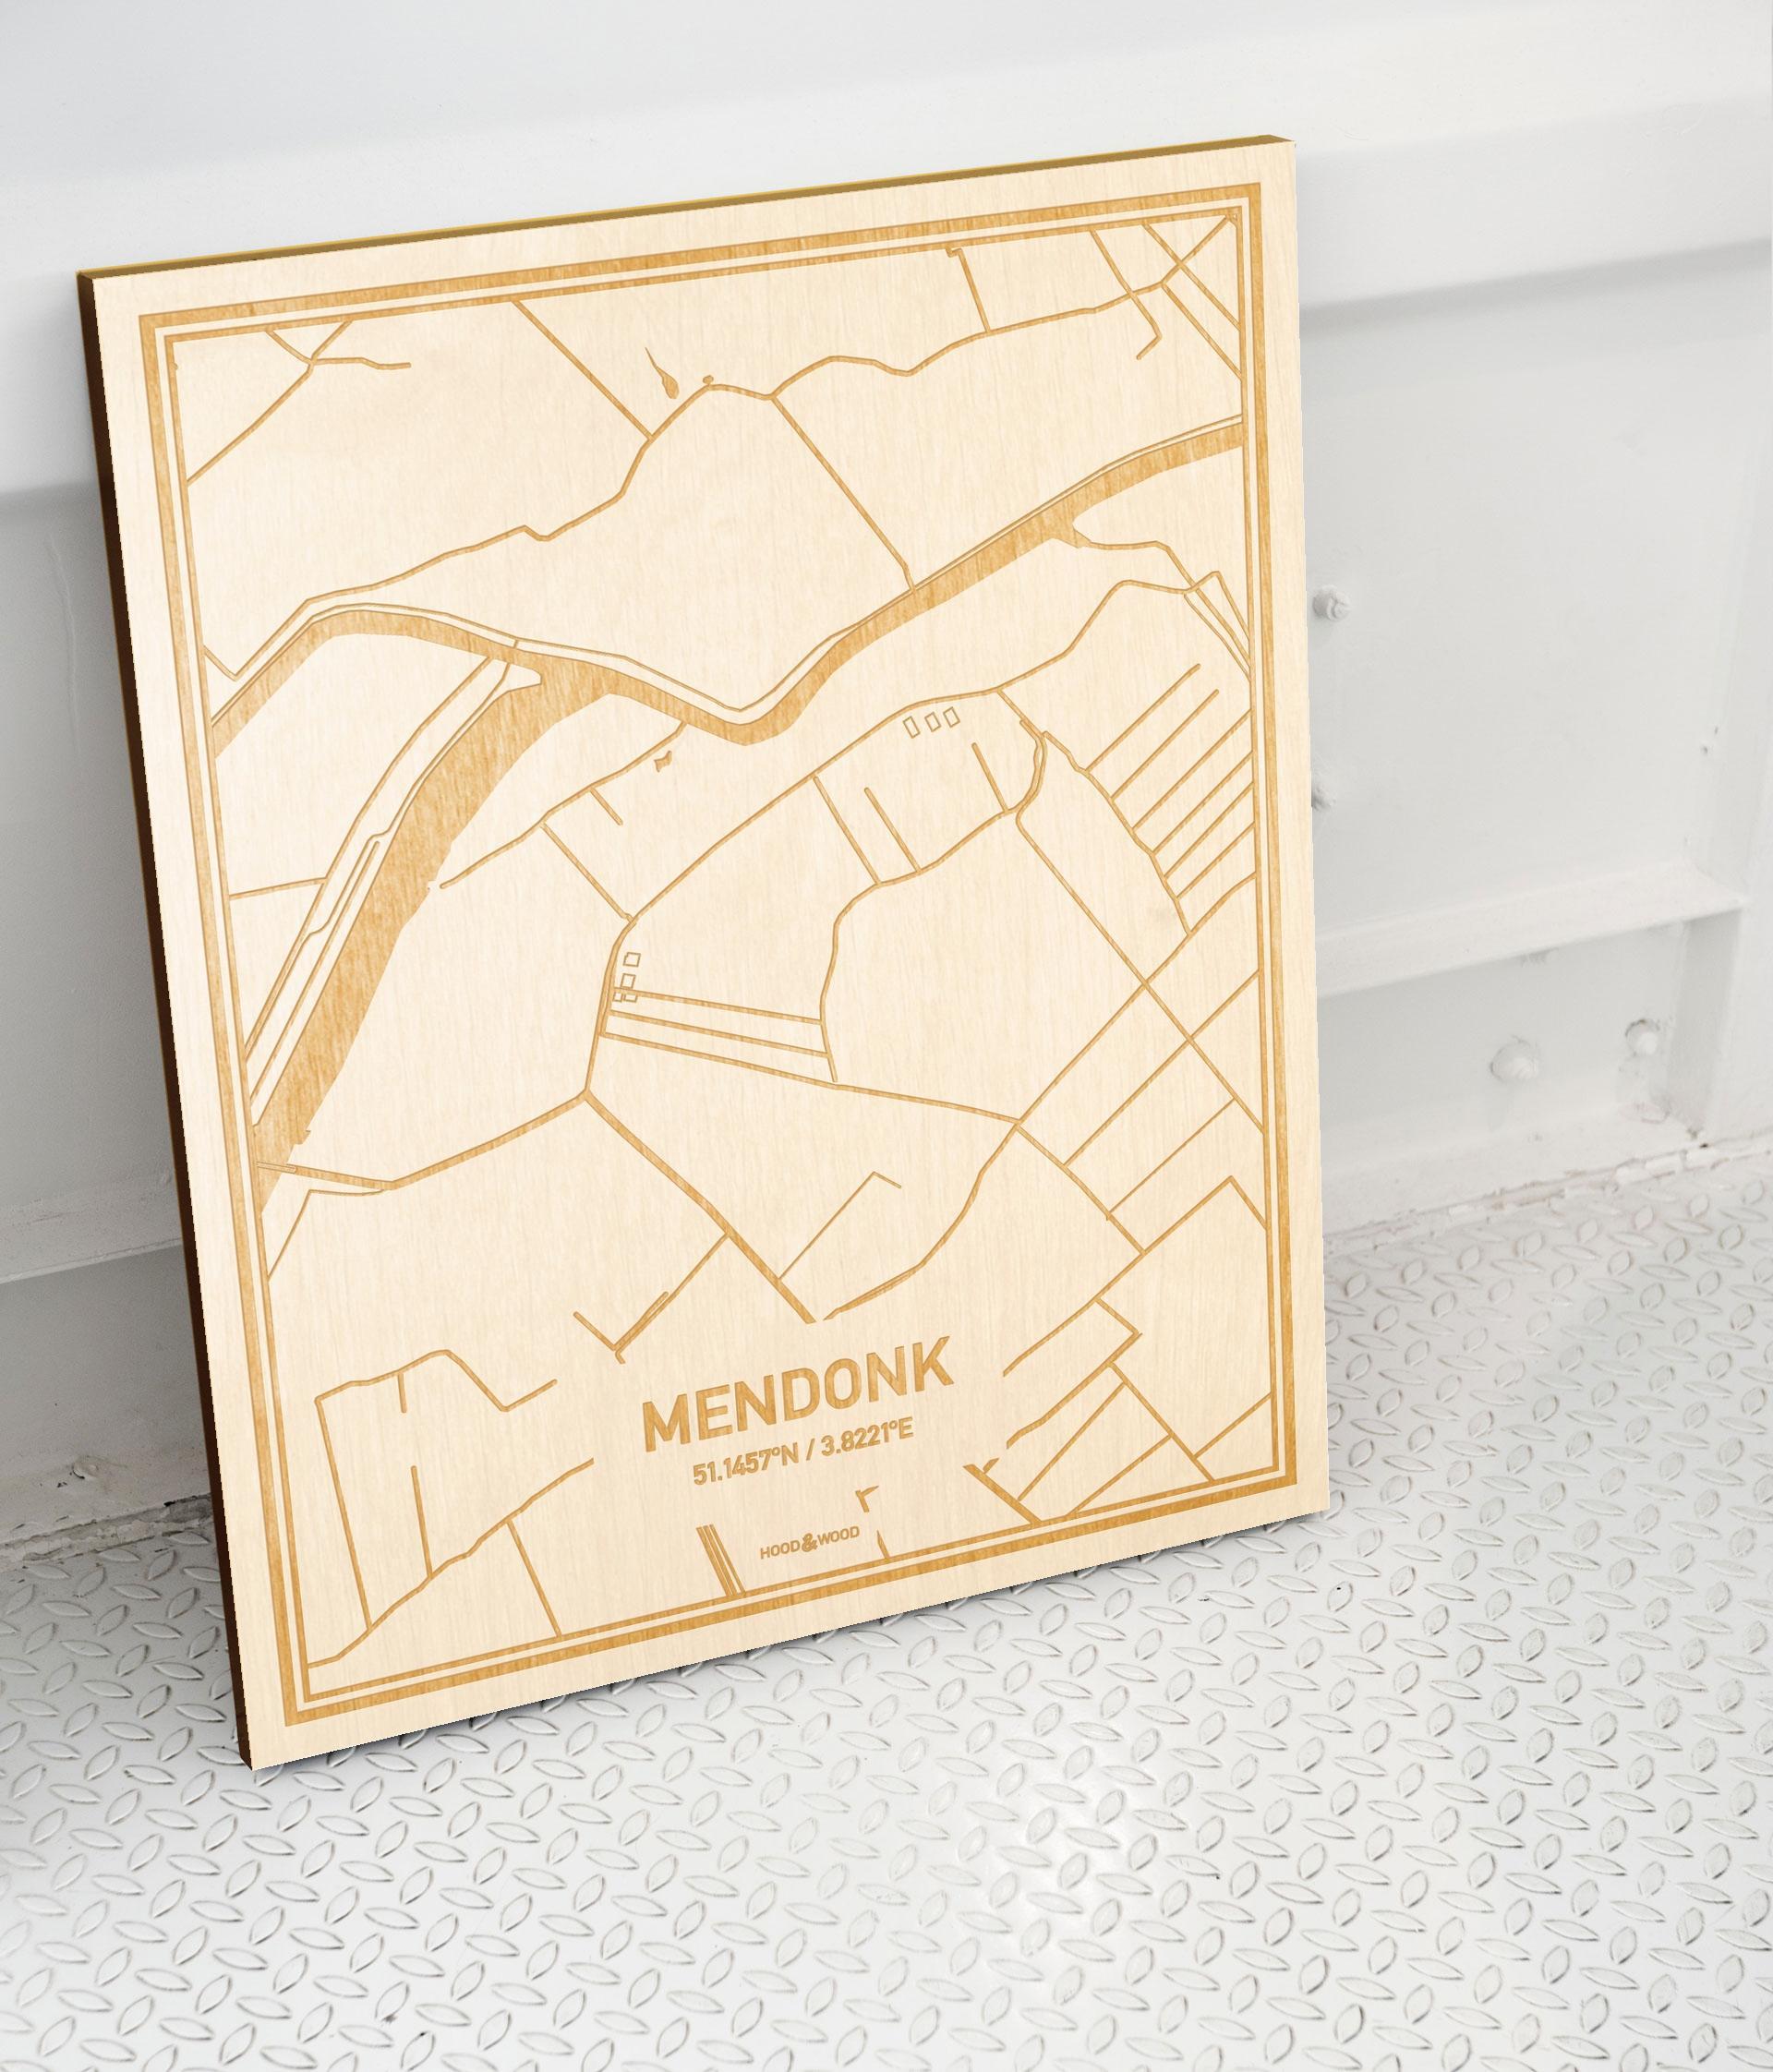 Plattegrond Mendonk als prachtige houten wanddecoratie. Het warme hout contrasteert mooi met de witte muur.